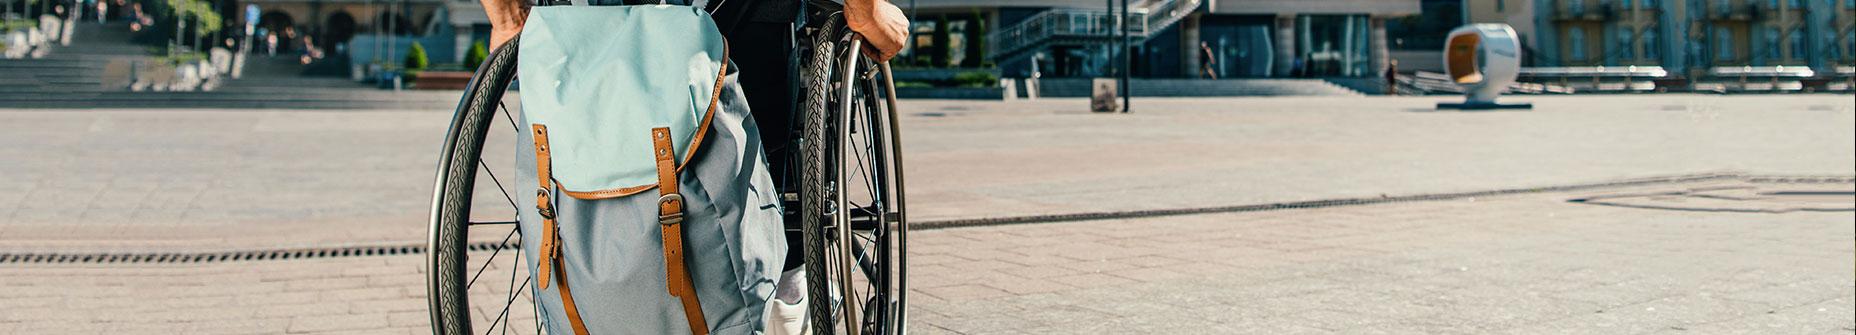 wheelchairramp-panorama.jpg